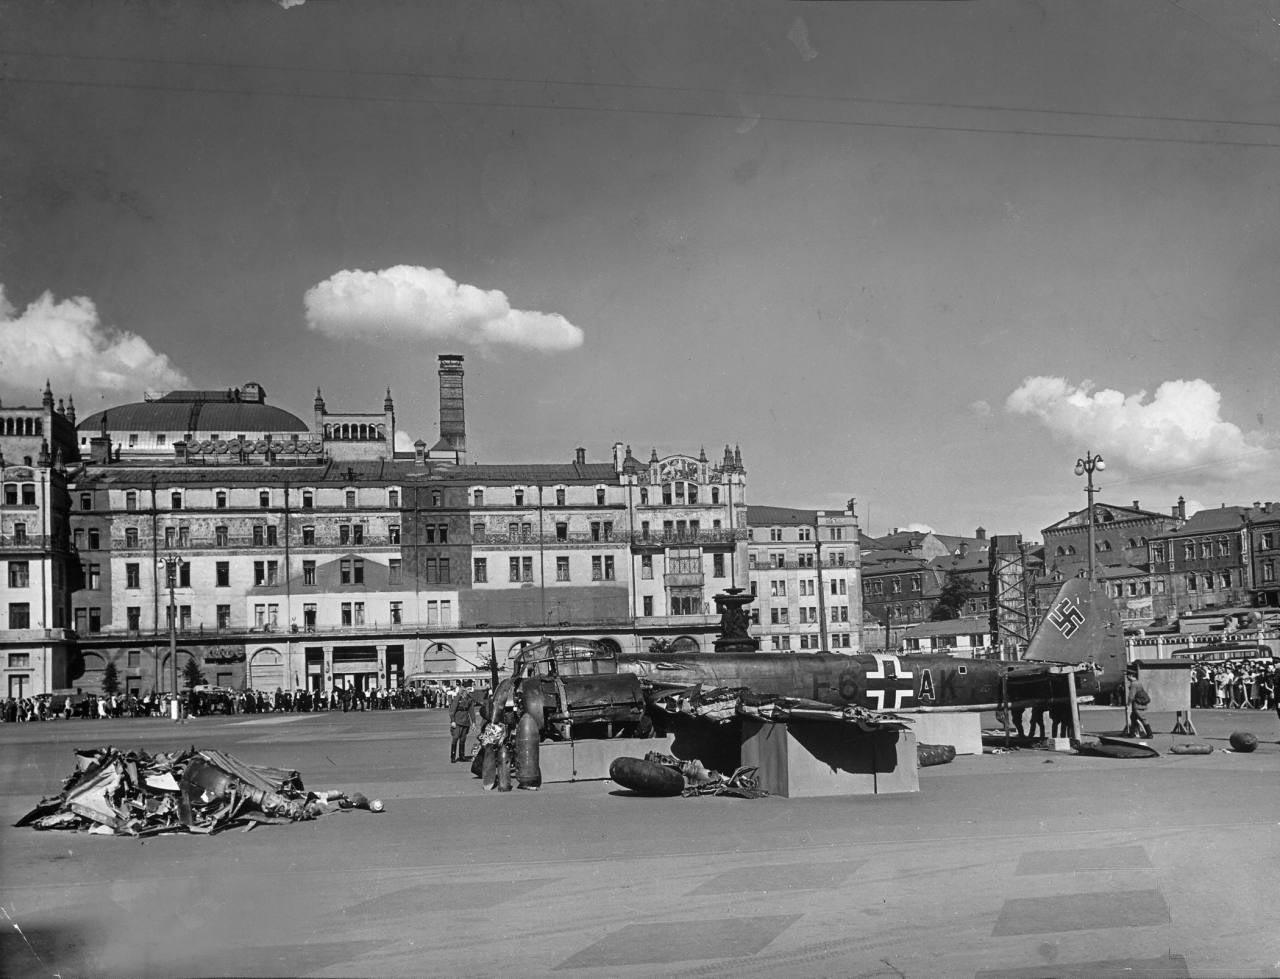 66Сбитый вражеский самолёт выставлен для осмотра возле гостинницы Метрополь.